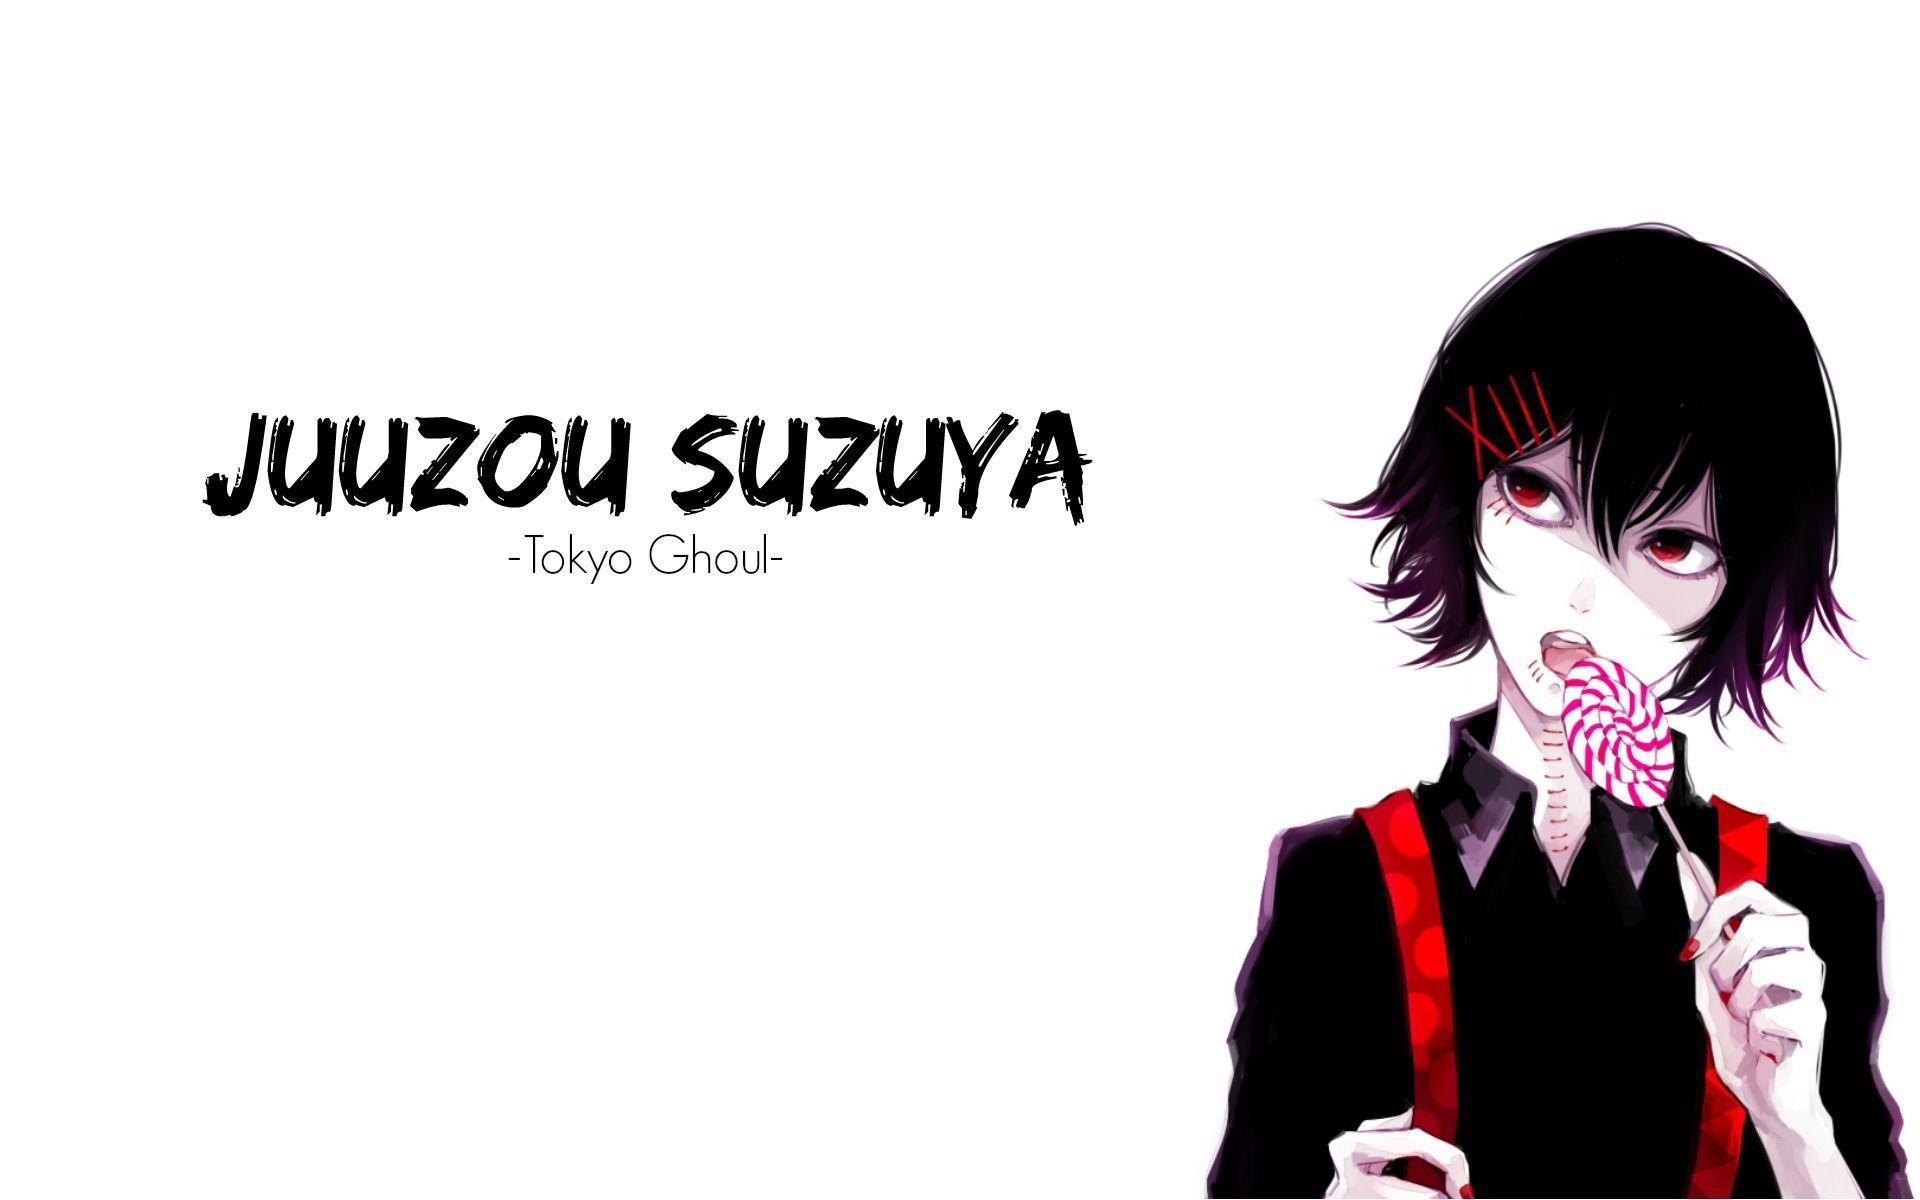 Juuzou Suzuya Wallpapers - Wallpaper Cave